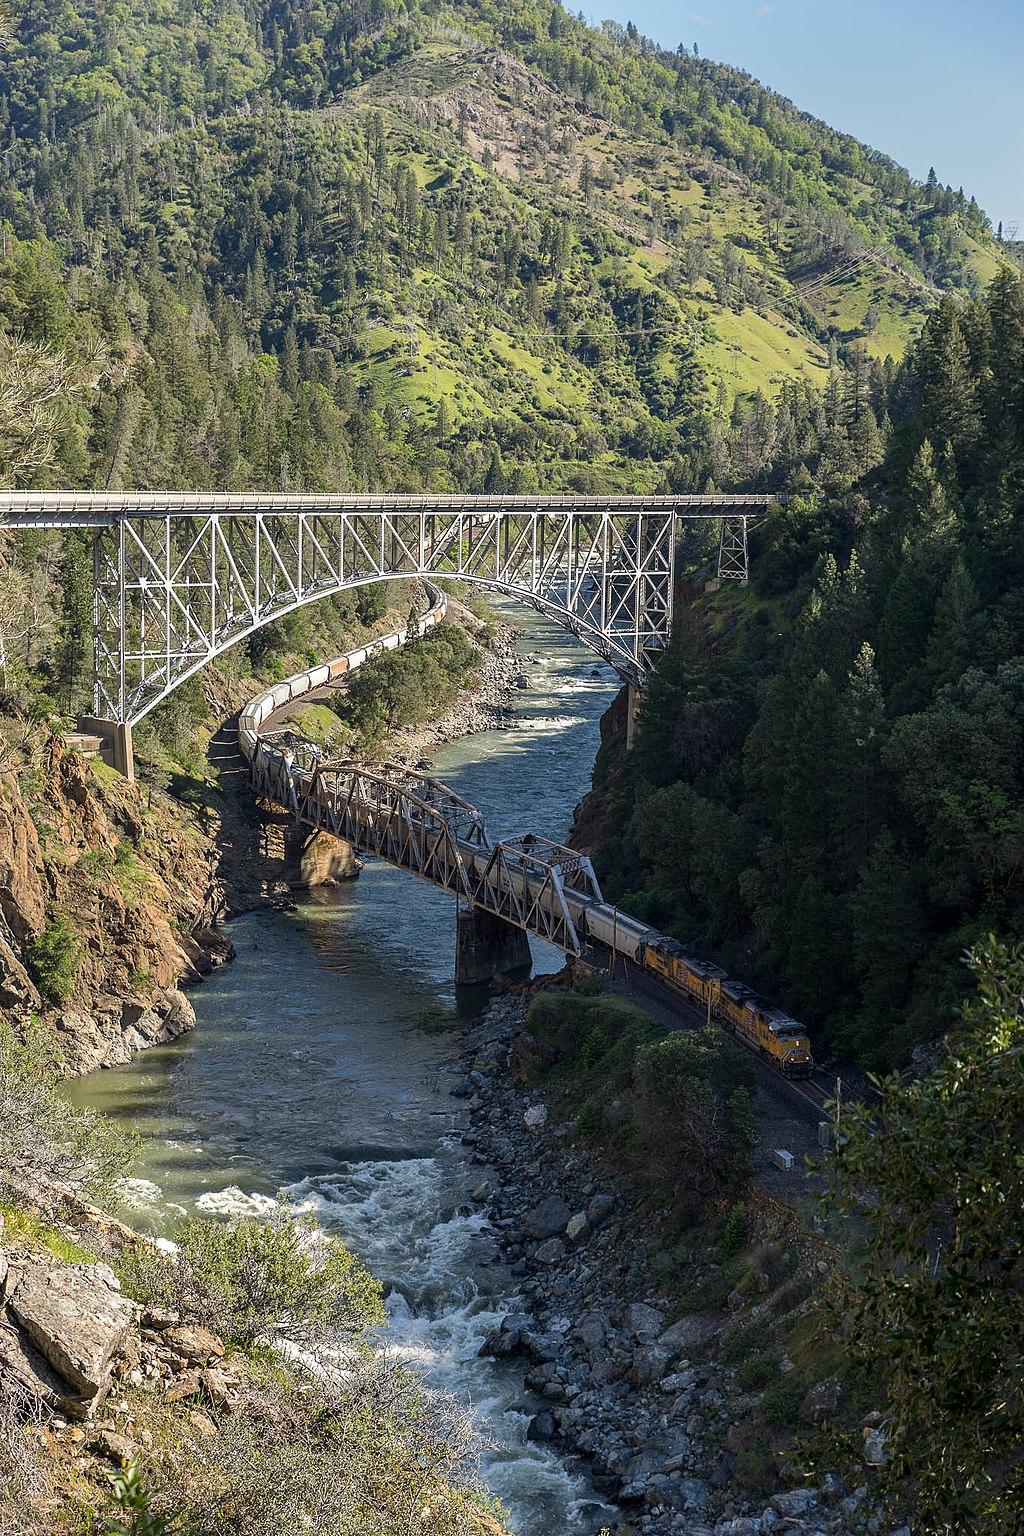 Feather River Route bridges